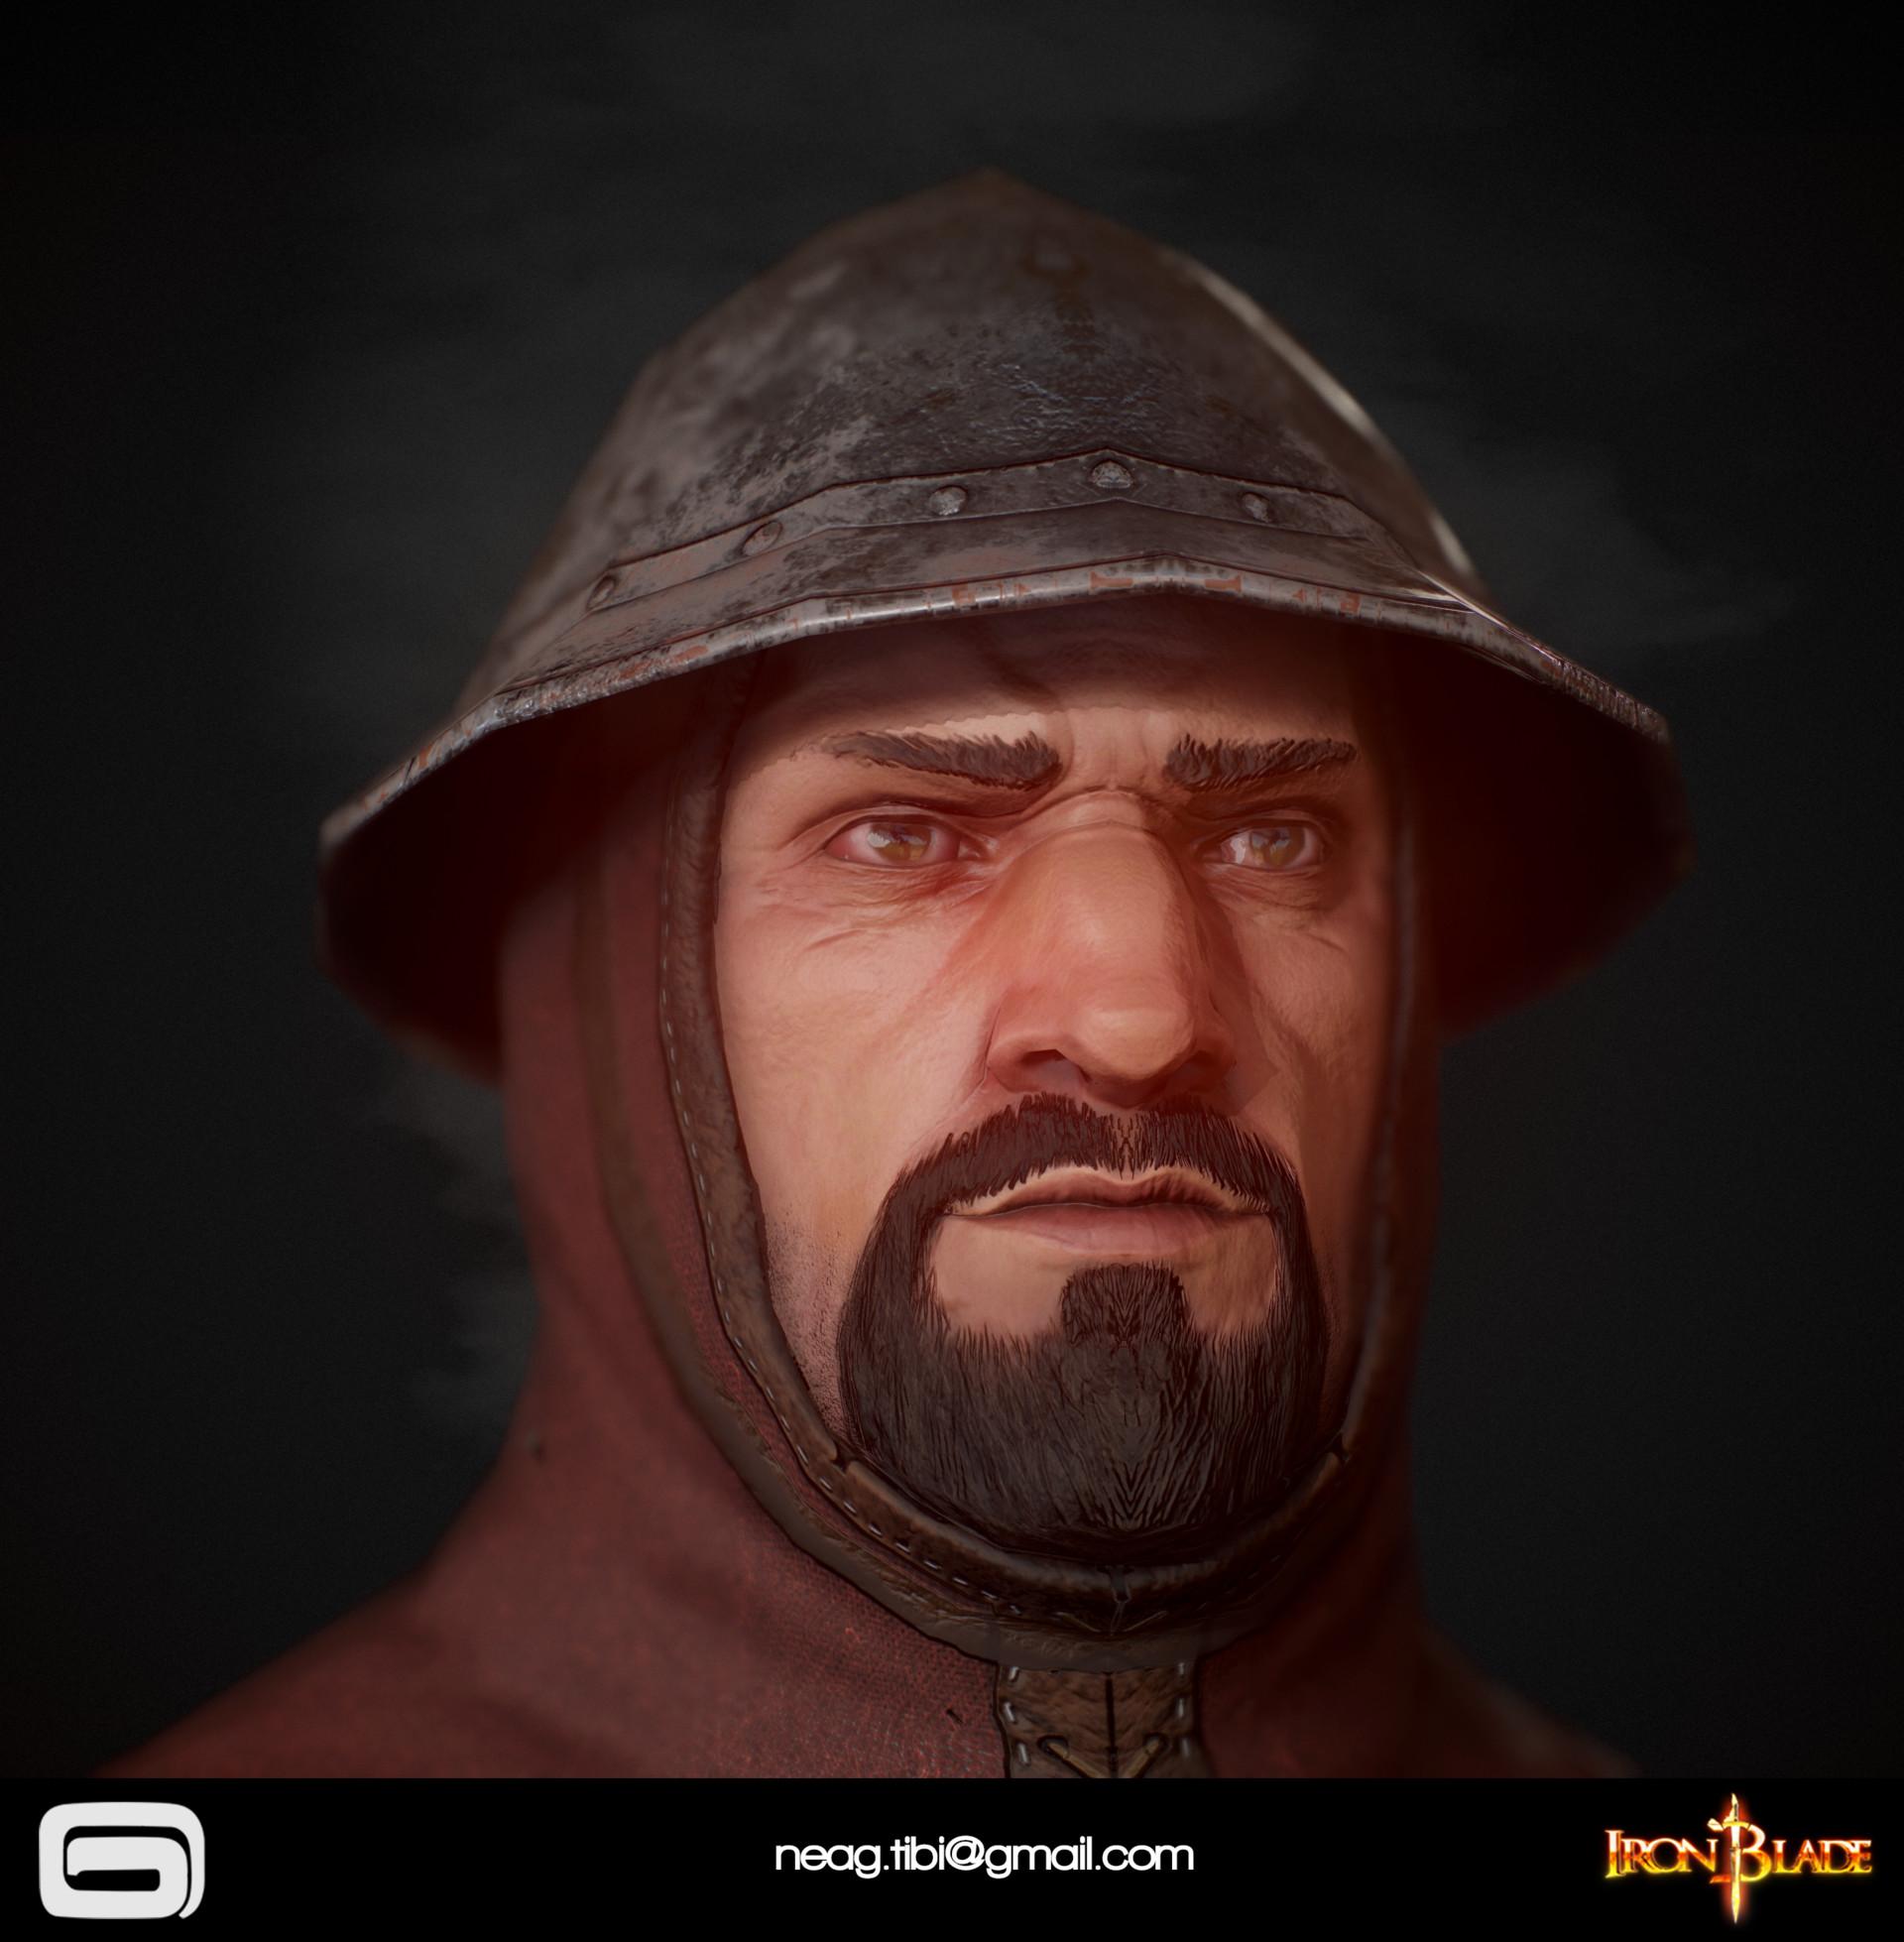 Tibi neag tibi neag iron blade garrison soldier c low poly 09